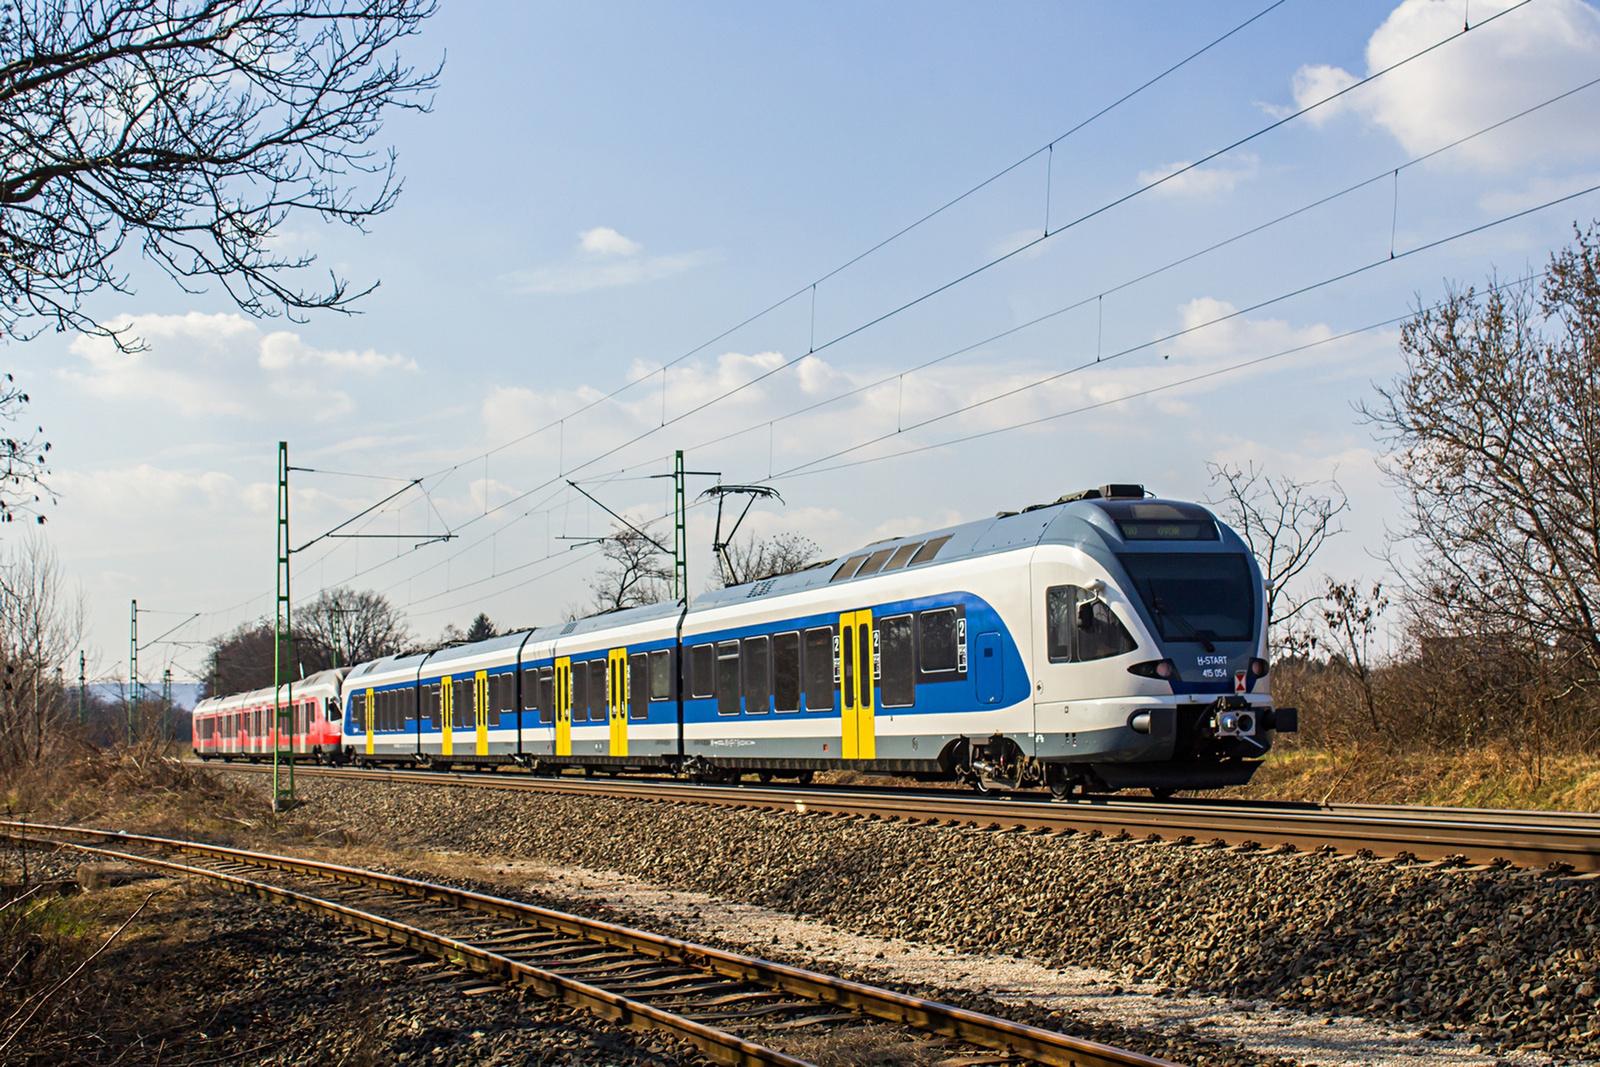 415 054 Budaörs (2021.03.10).